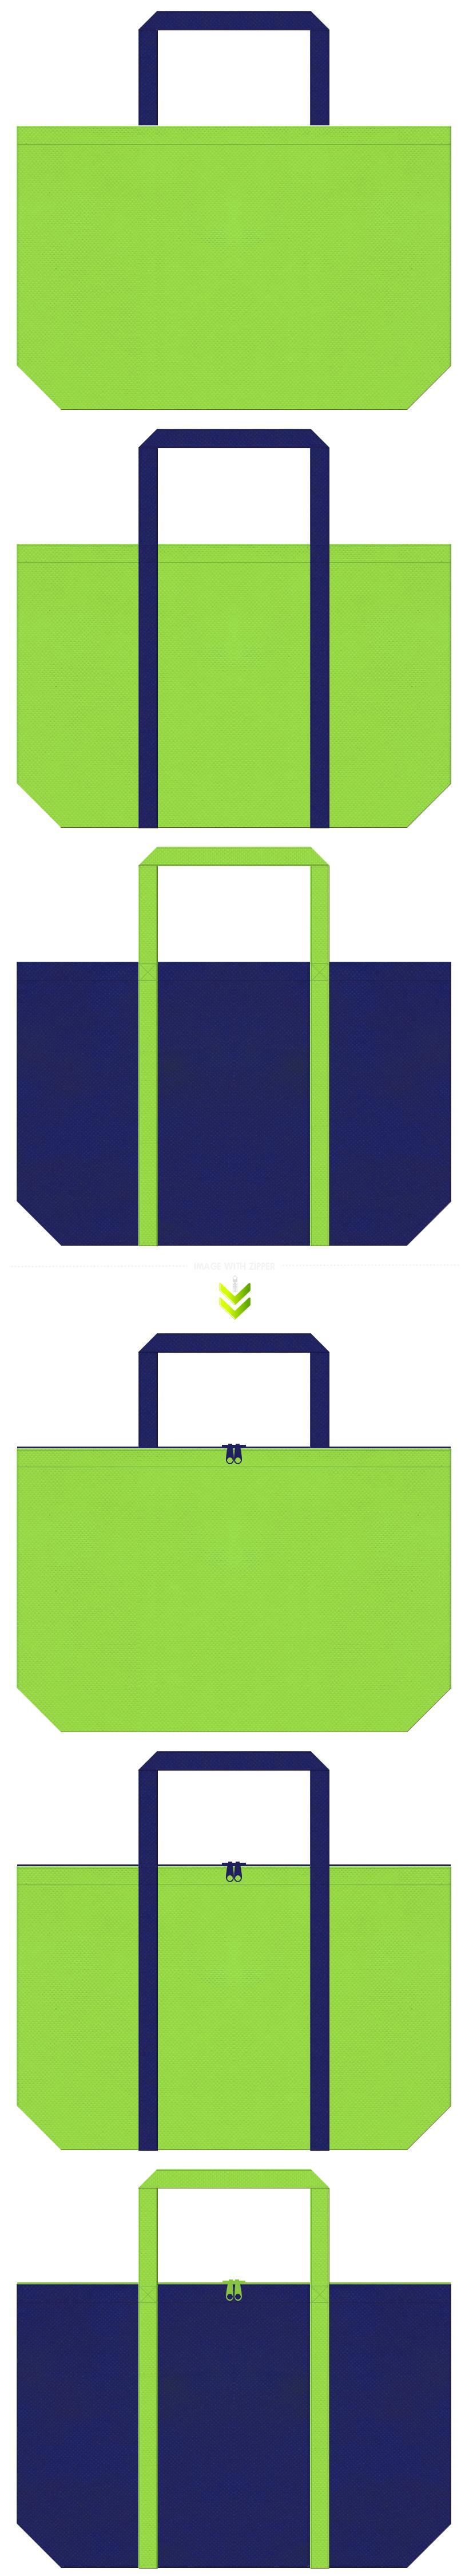 黄緑色と明るい紺色の不織布エコバッグのデザイン。ランドリーバッグにお奨めの配色です。